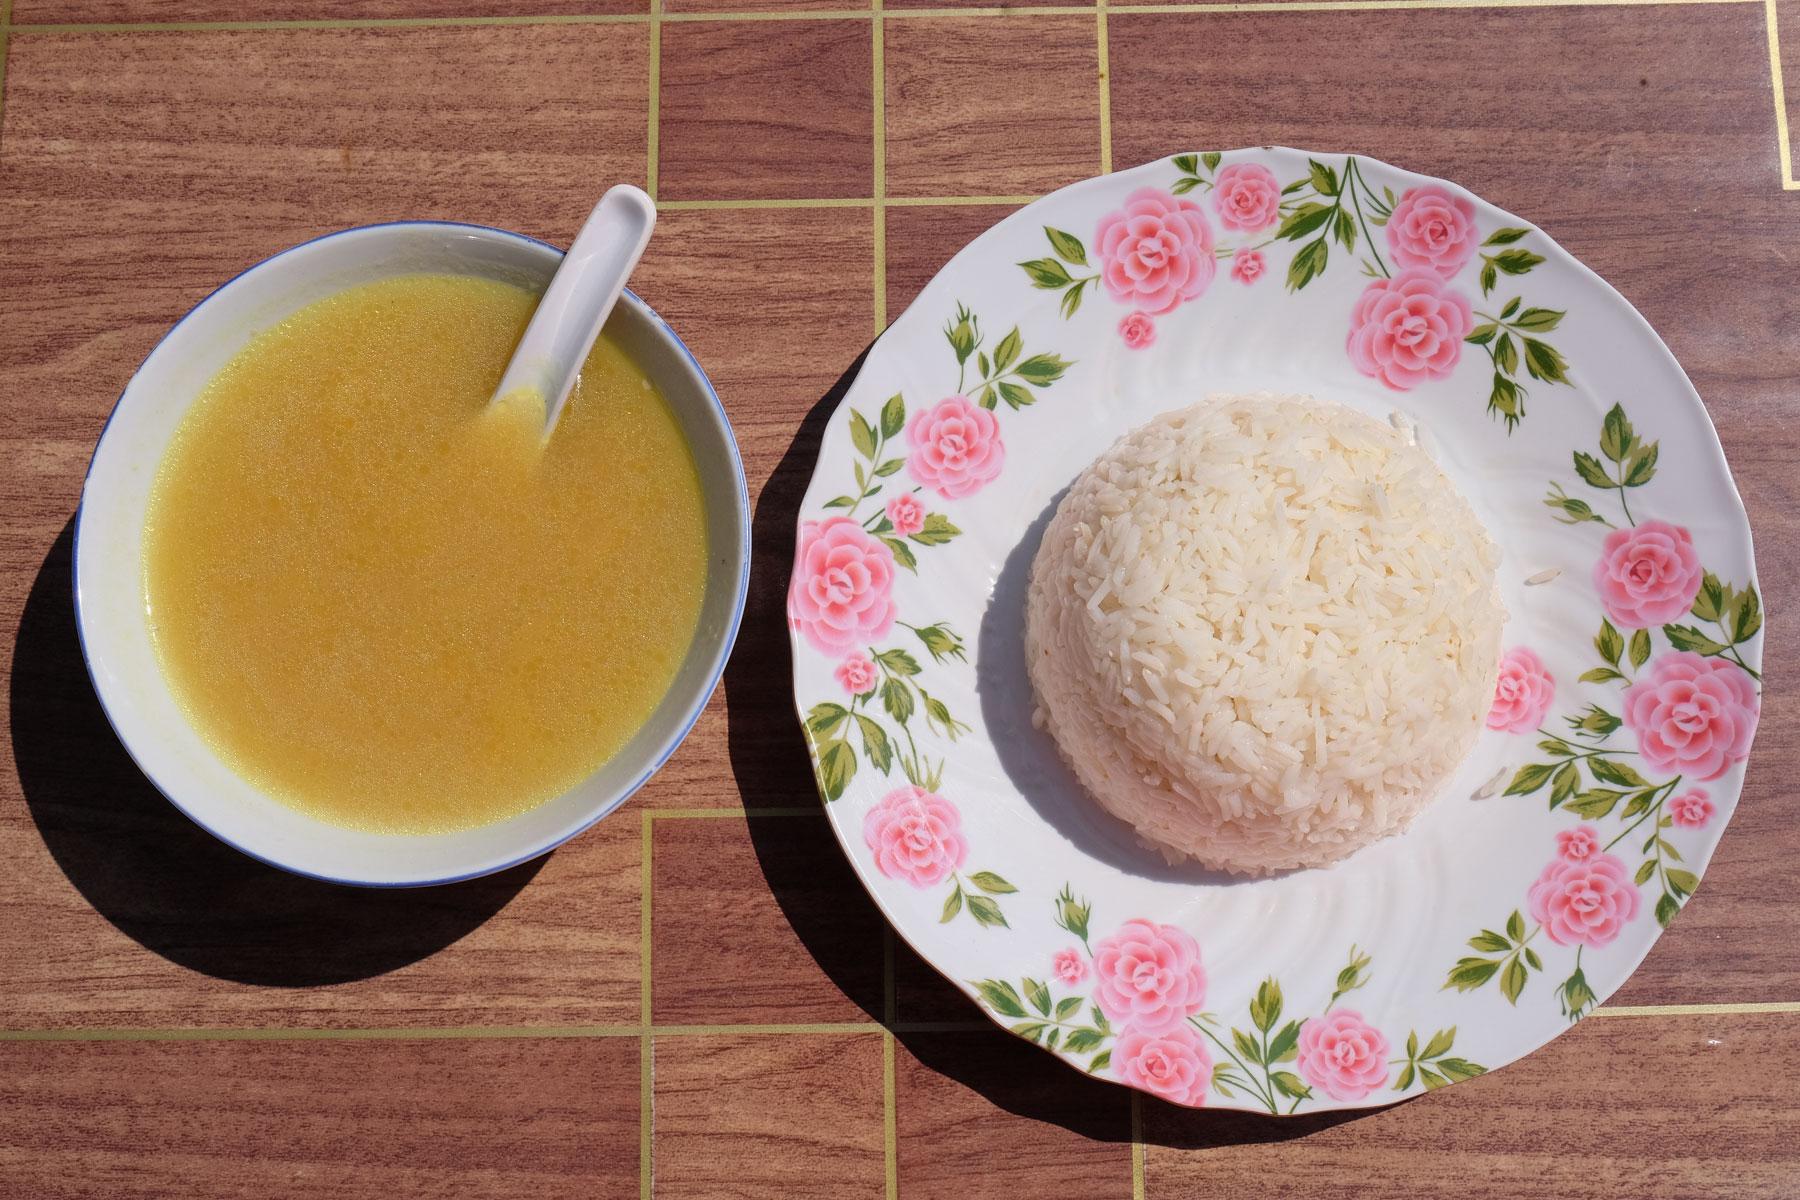 Eine Schale mit Kürbissuppe und ein Teller voll Reis.